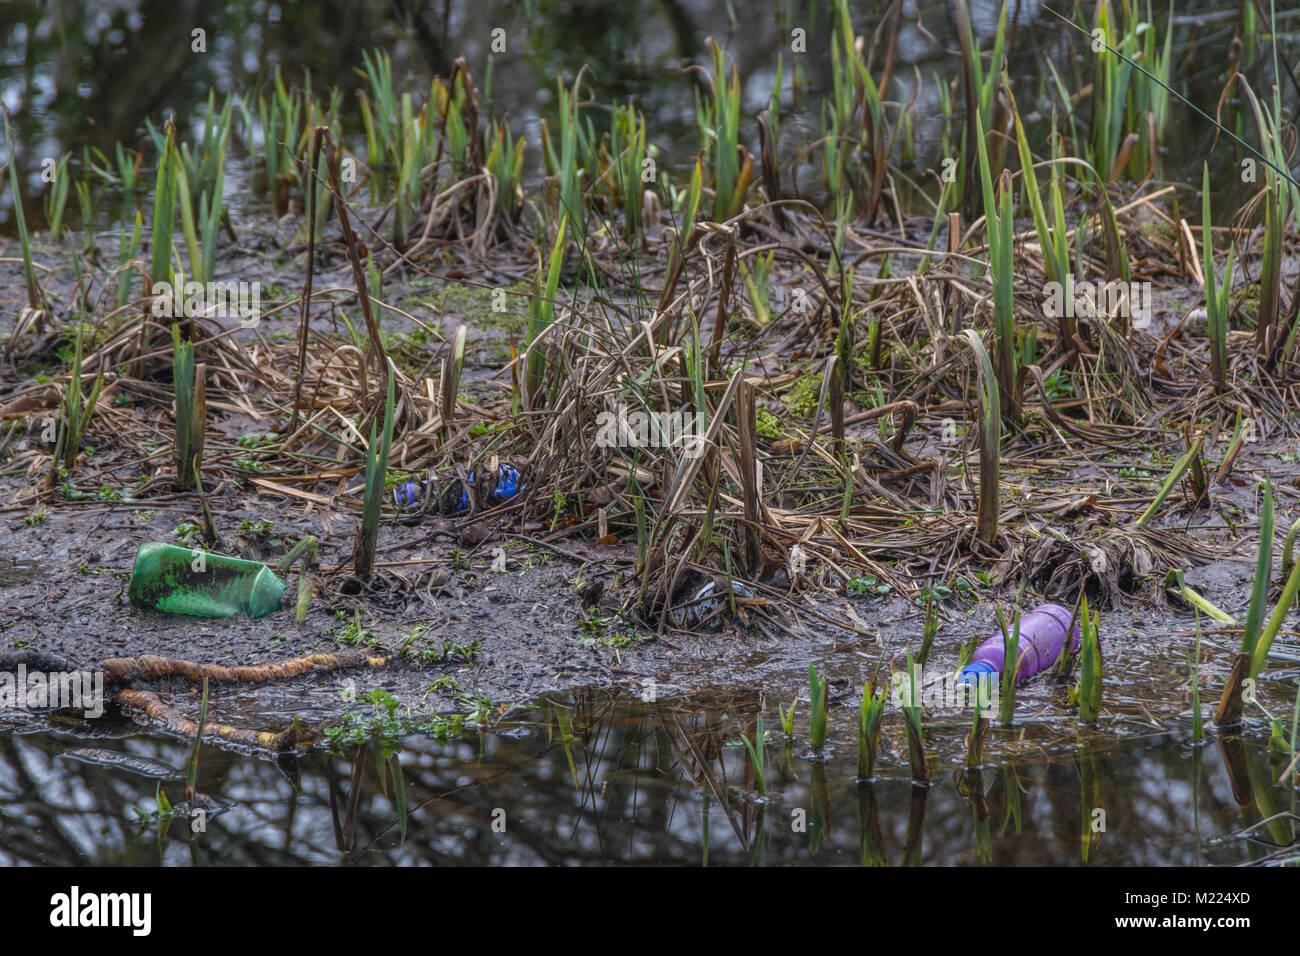 La bottiglia di plastica lavati fino sulla zona paludosa - metafora per l'inquinamento ambientale, l'inquinamento Immagini Stock